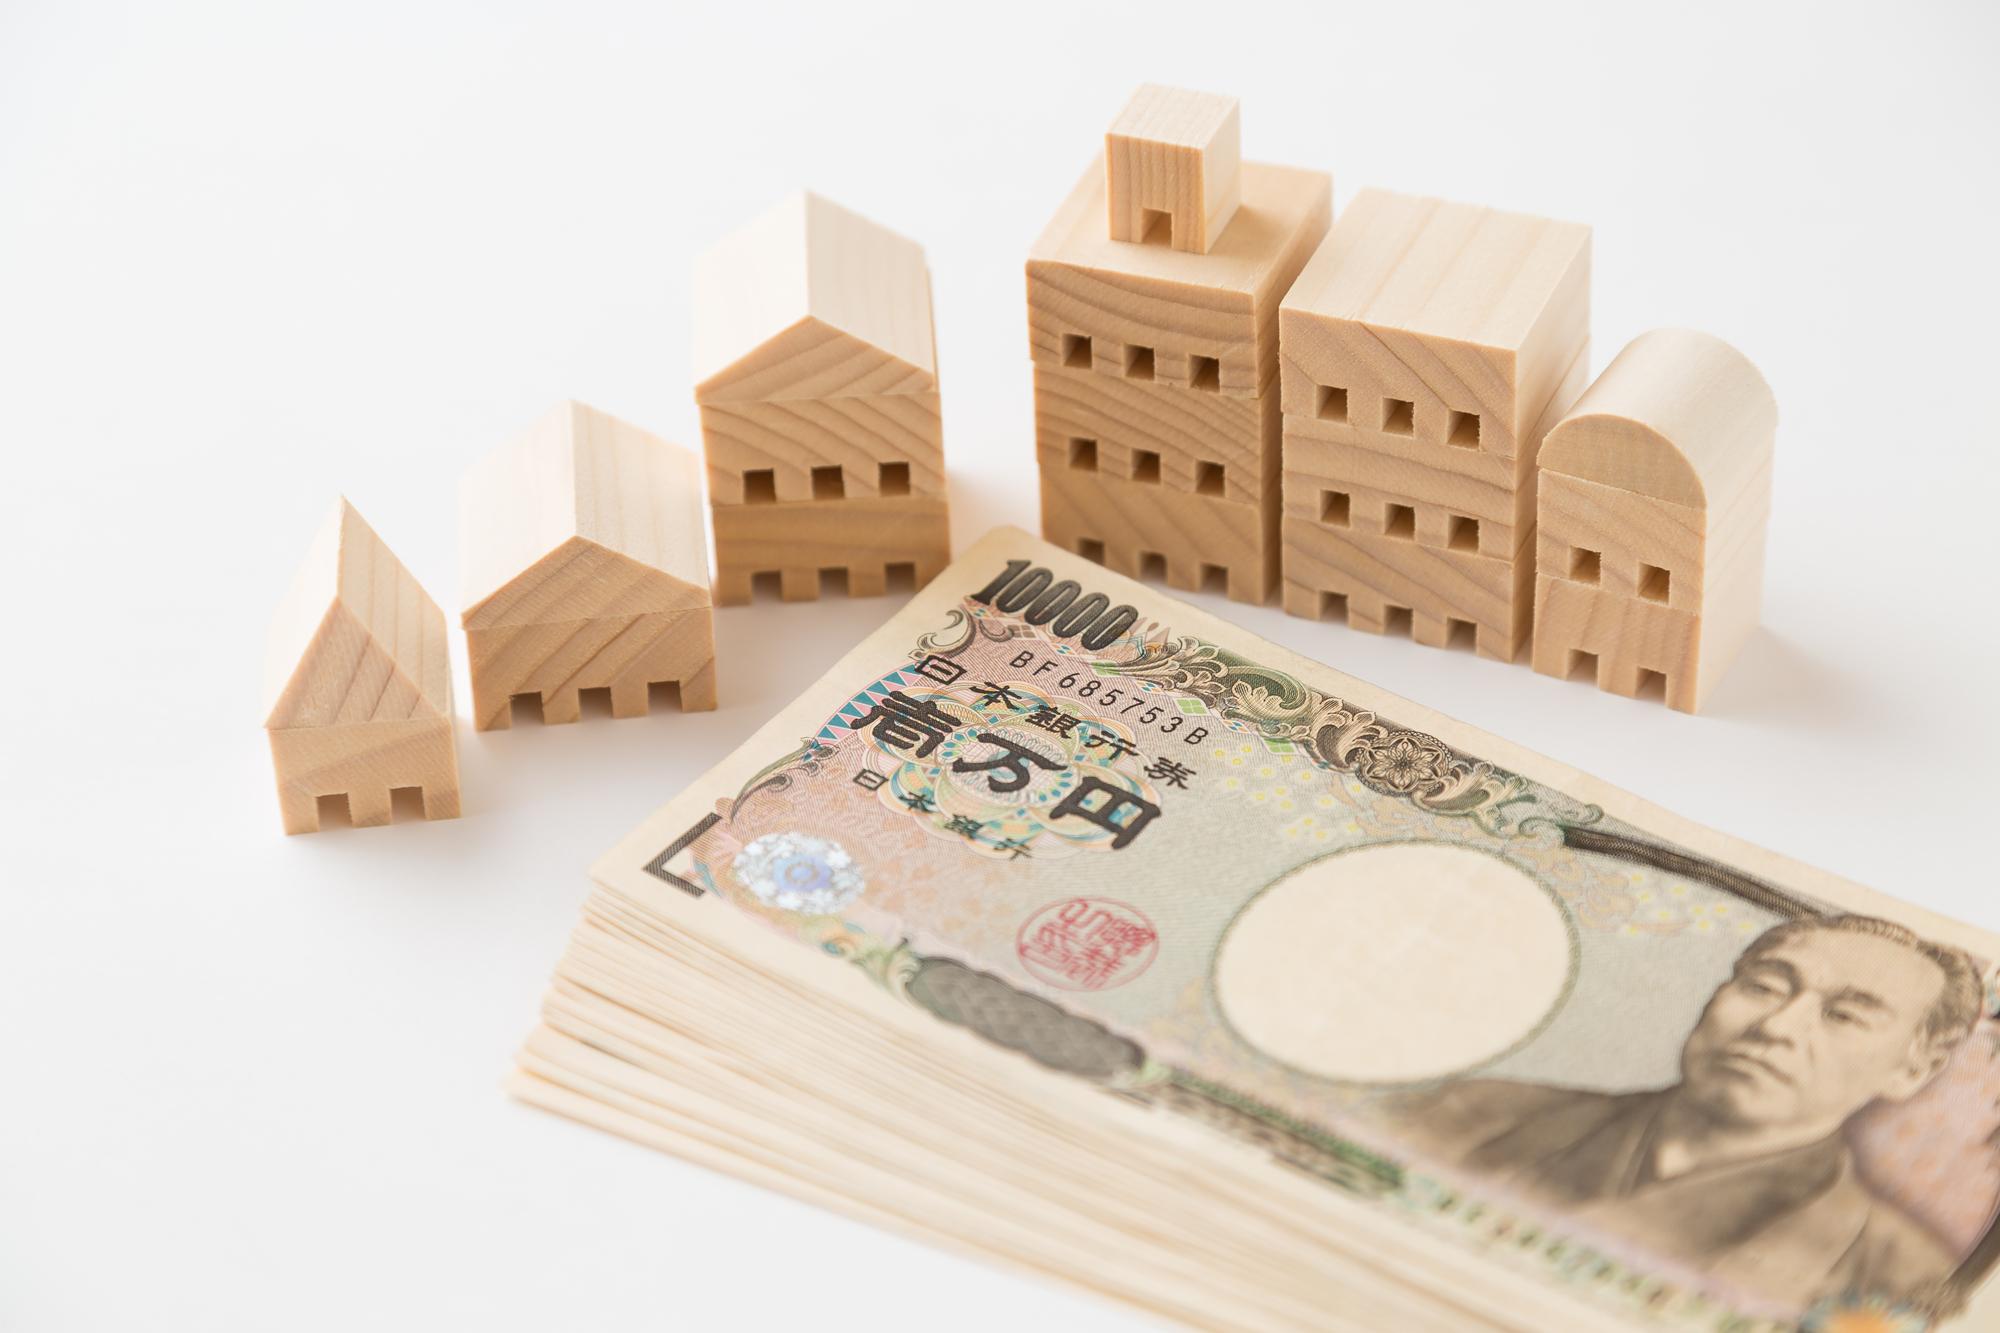 大阪で受講できる不動産管理のセミナー情報【受けるポイントを解説】